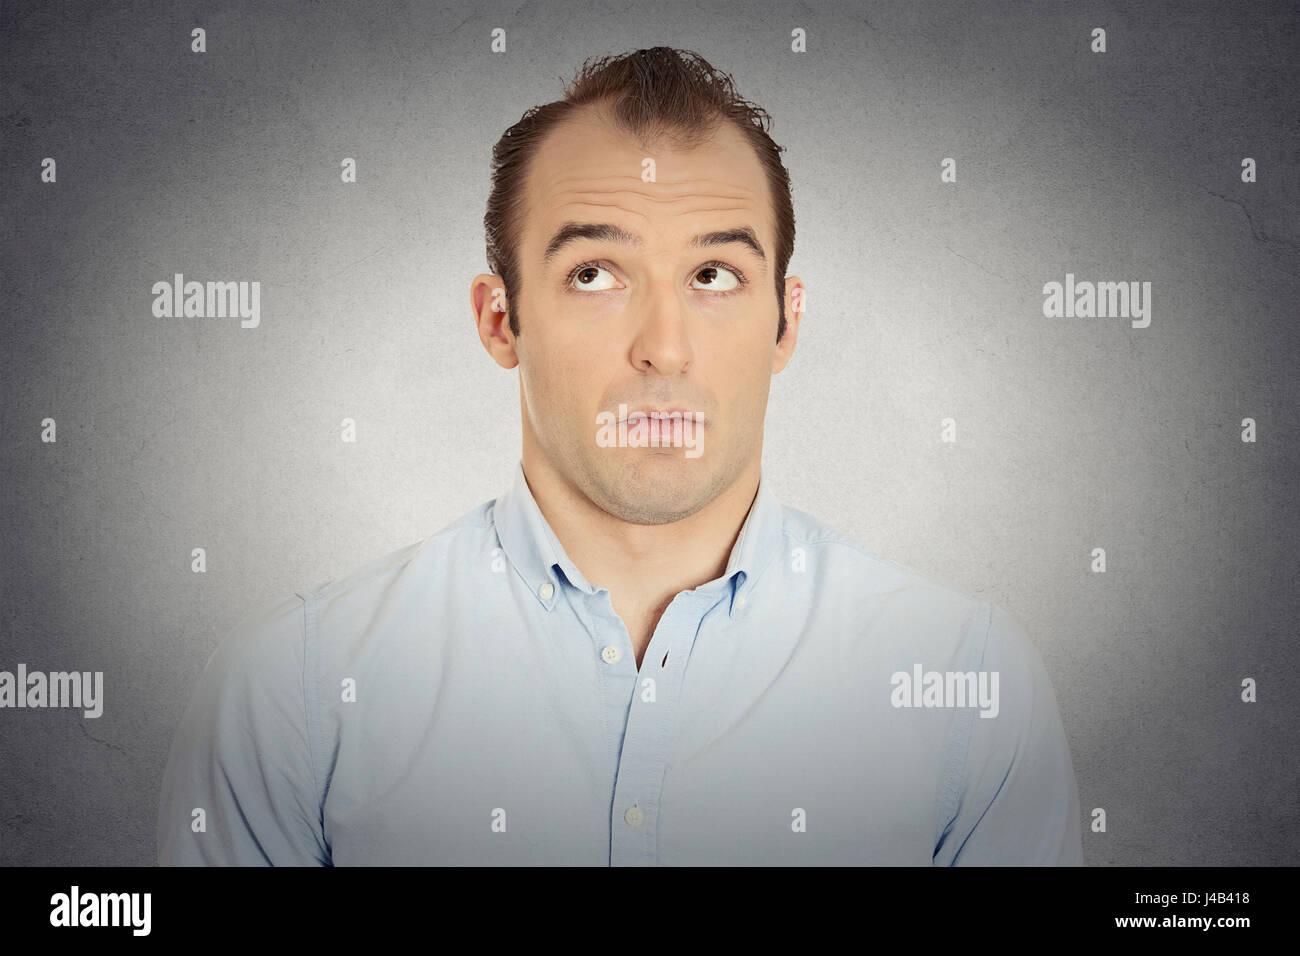 Passive Aggressive Stock Photos & Passive Aggressive Stock